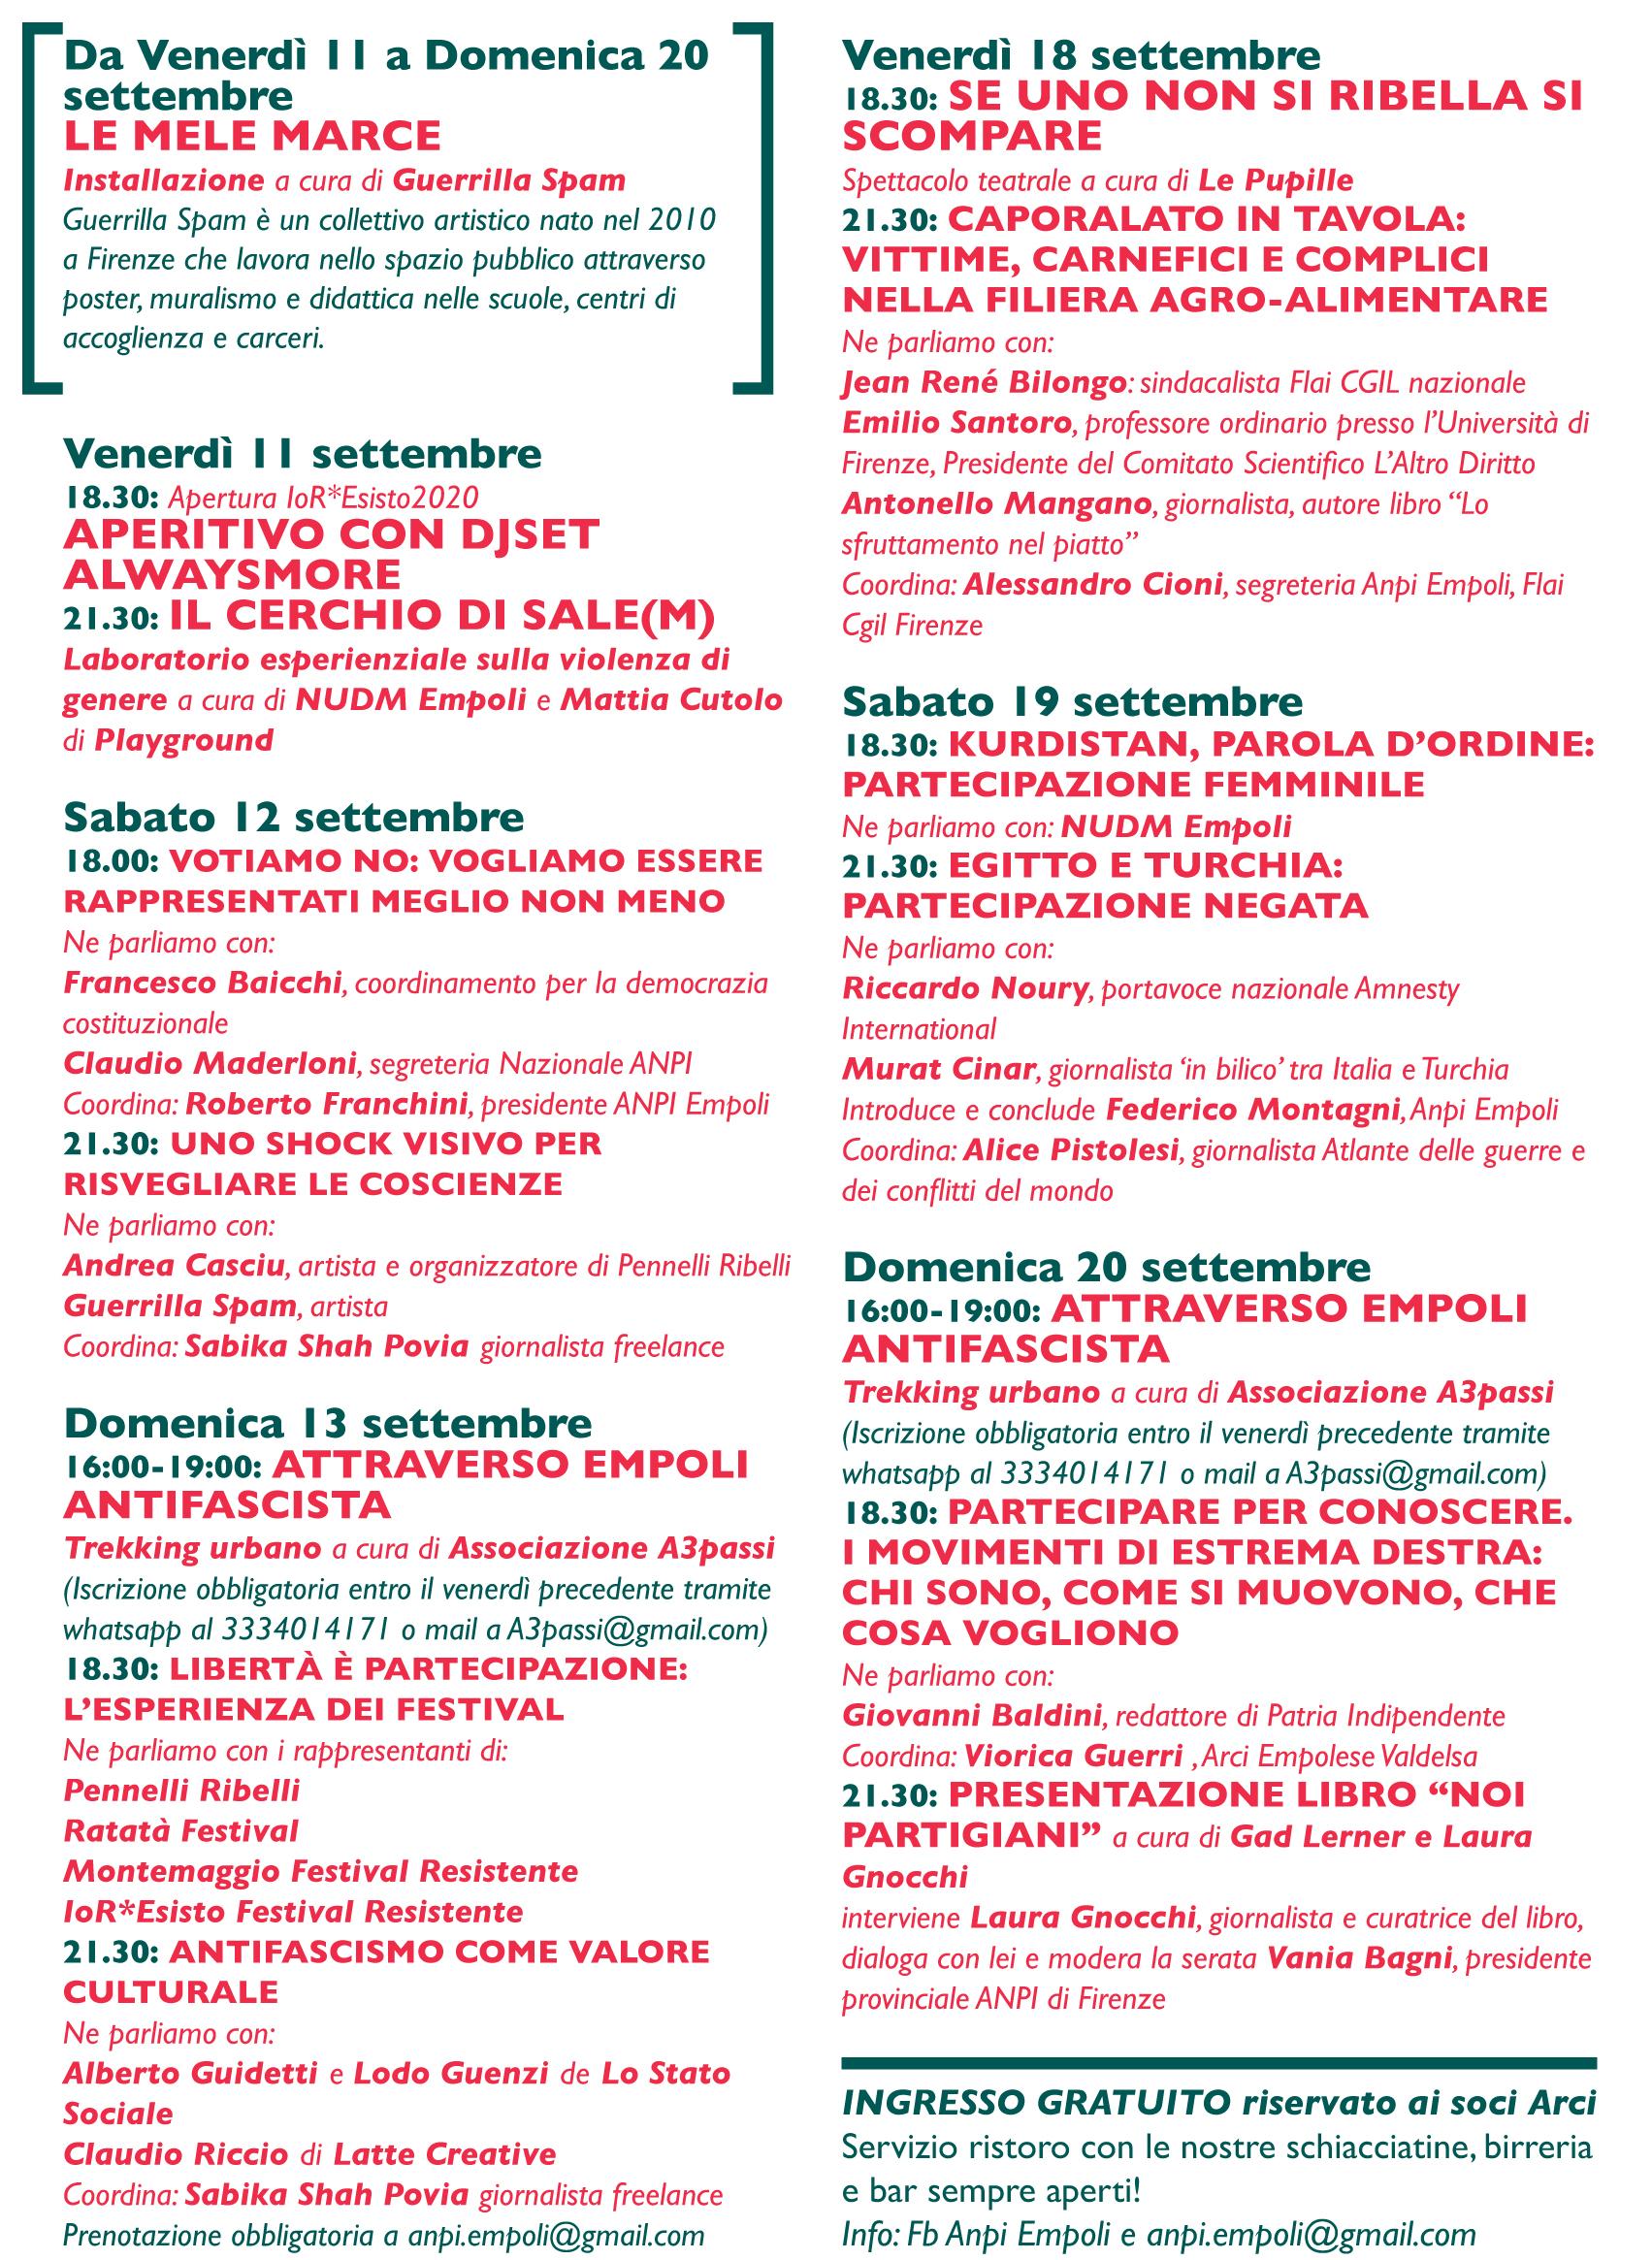 2020 Programma IoRESISTO - Flyer A5